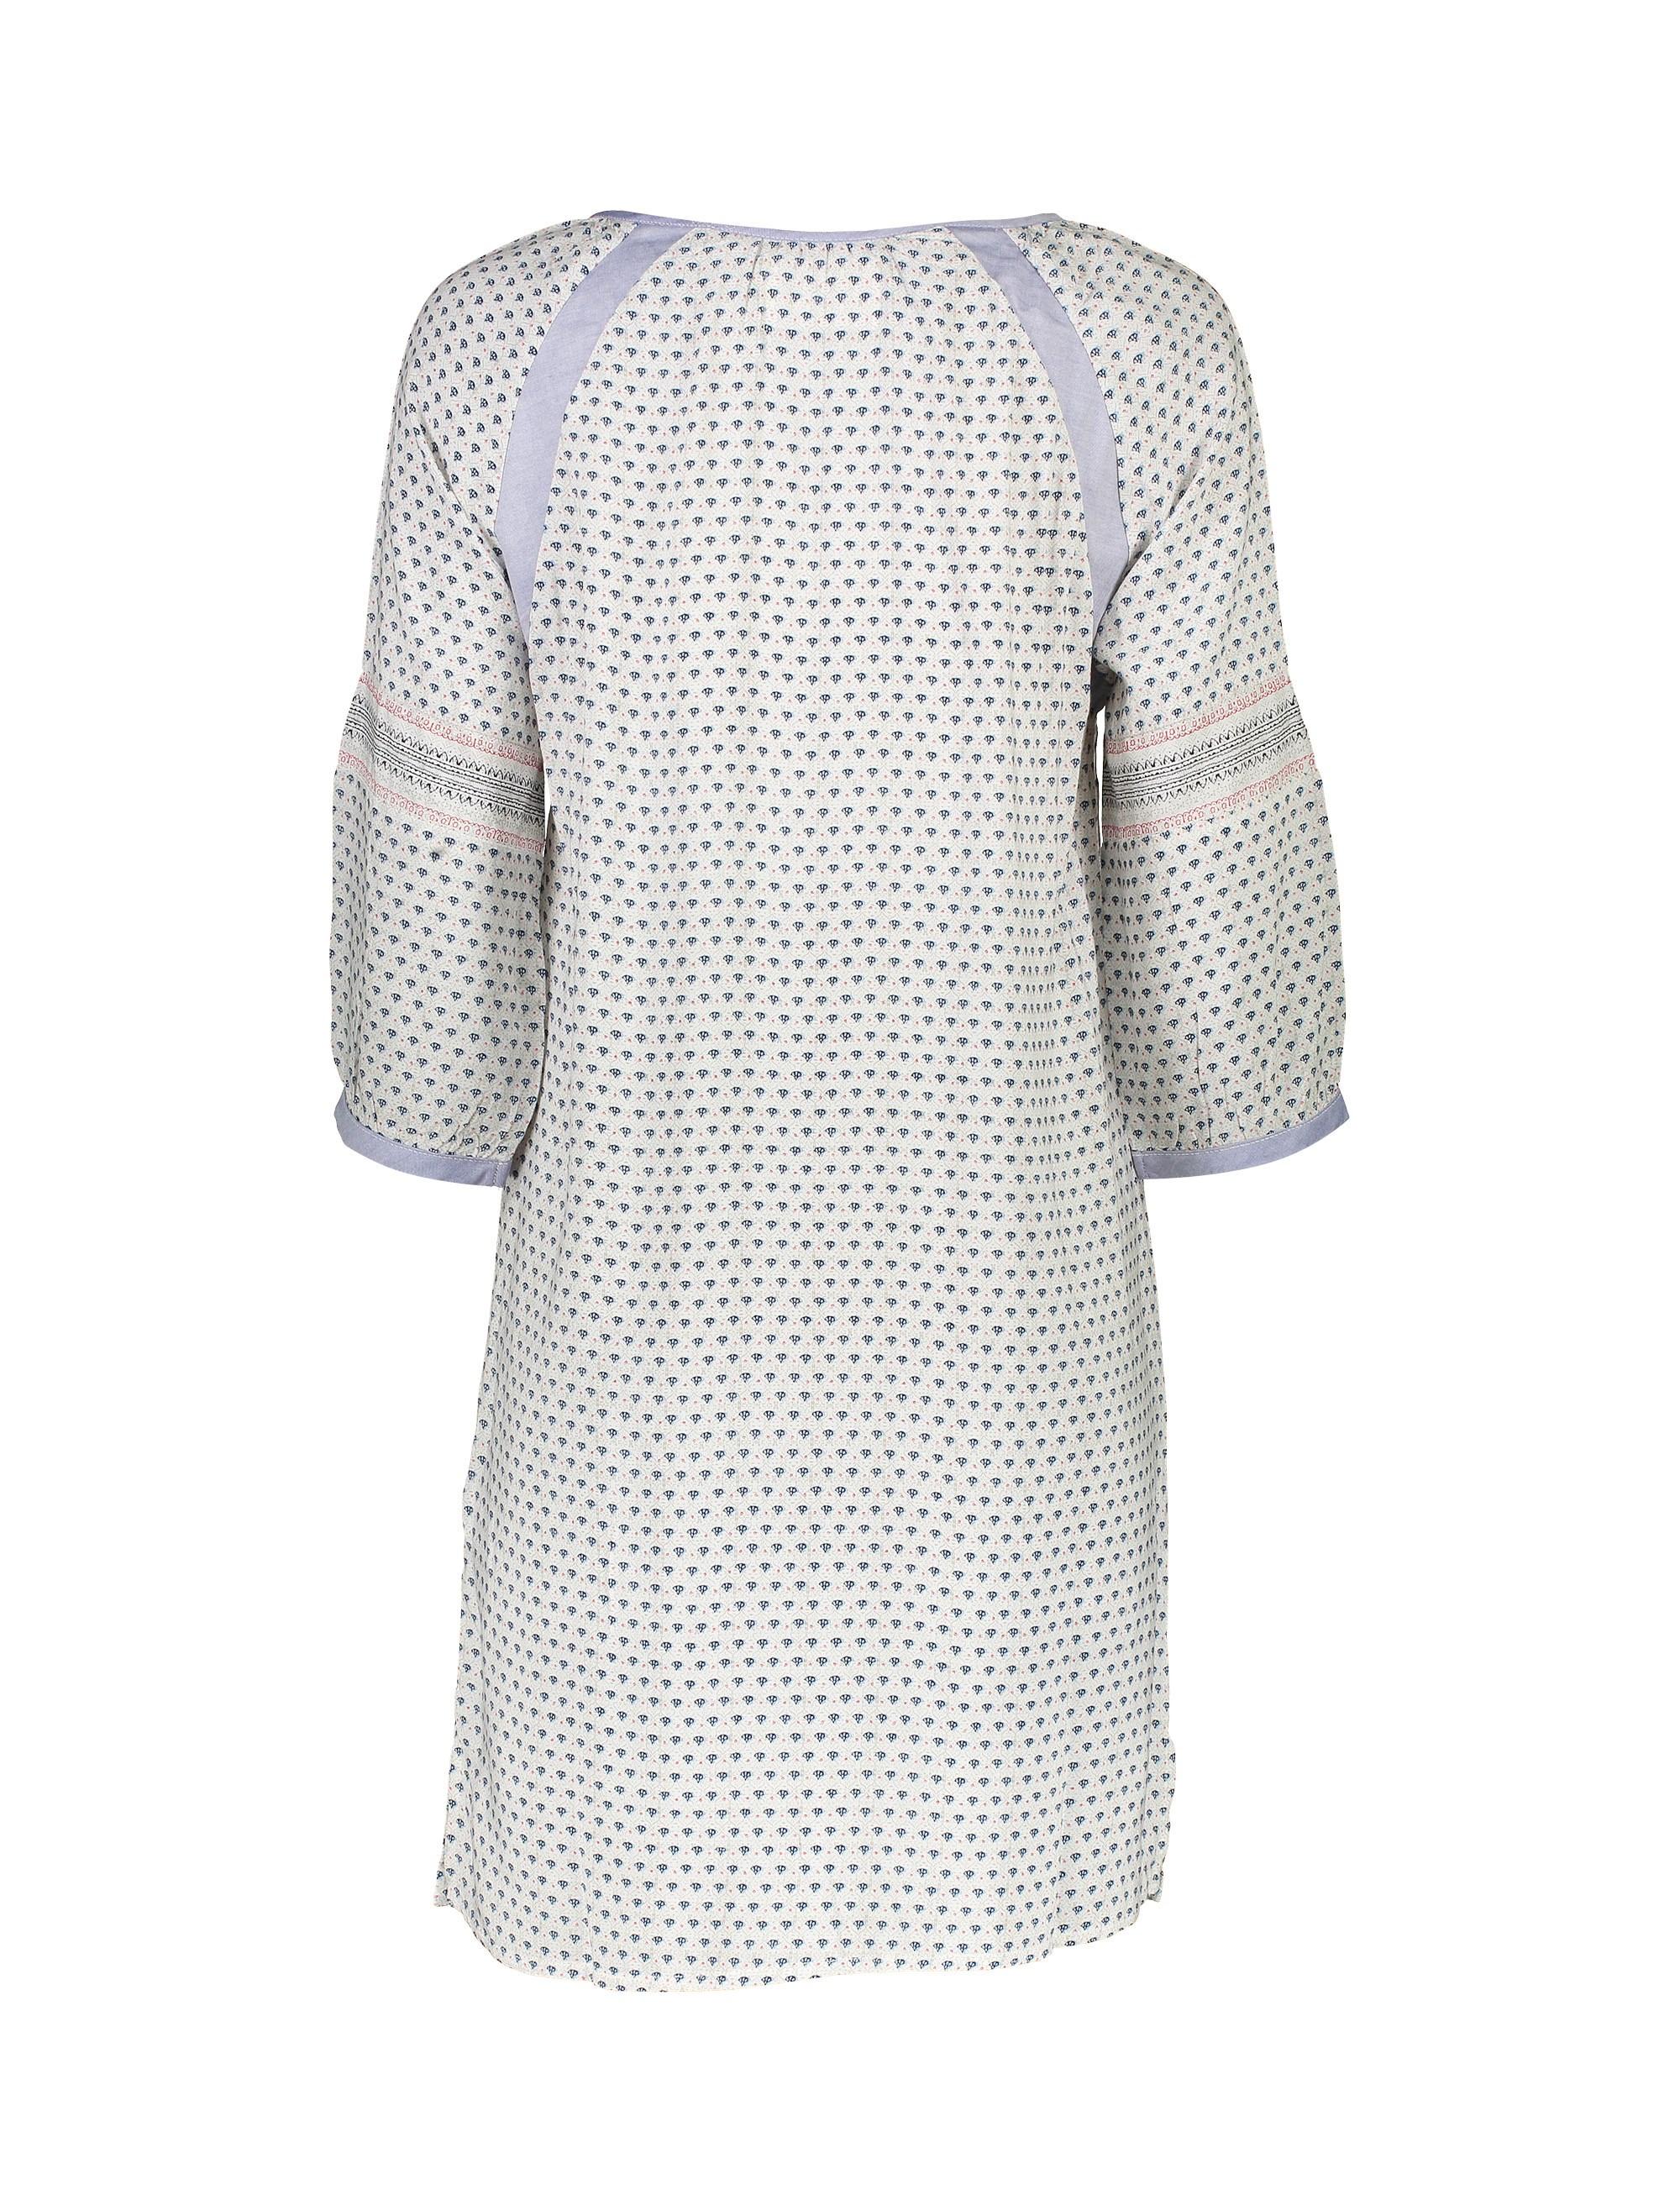 پیراهن خواب ویسکوز زنانه